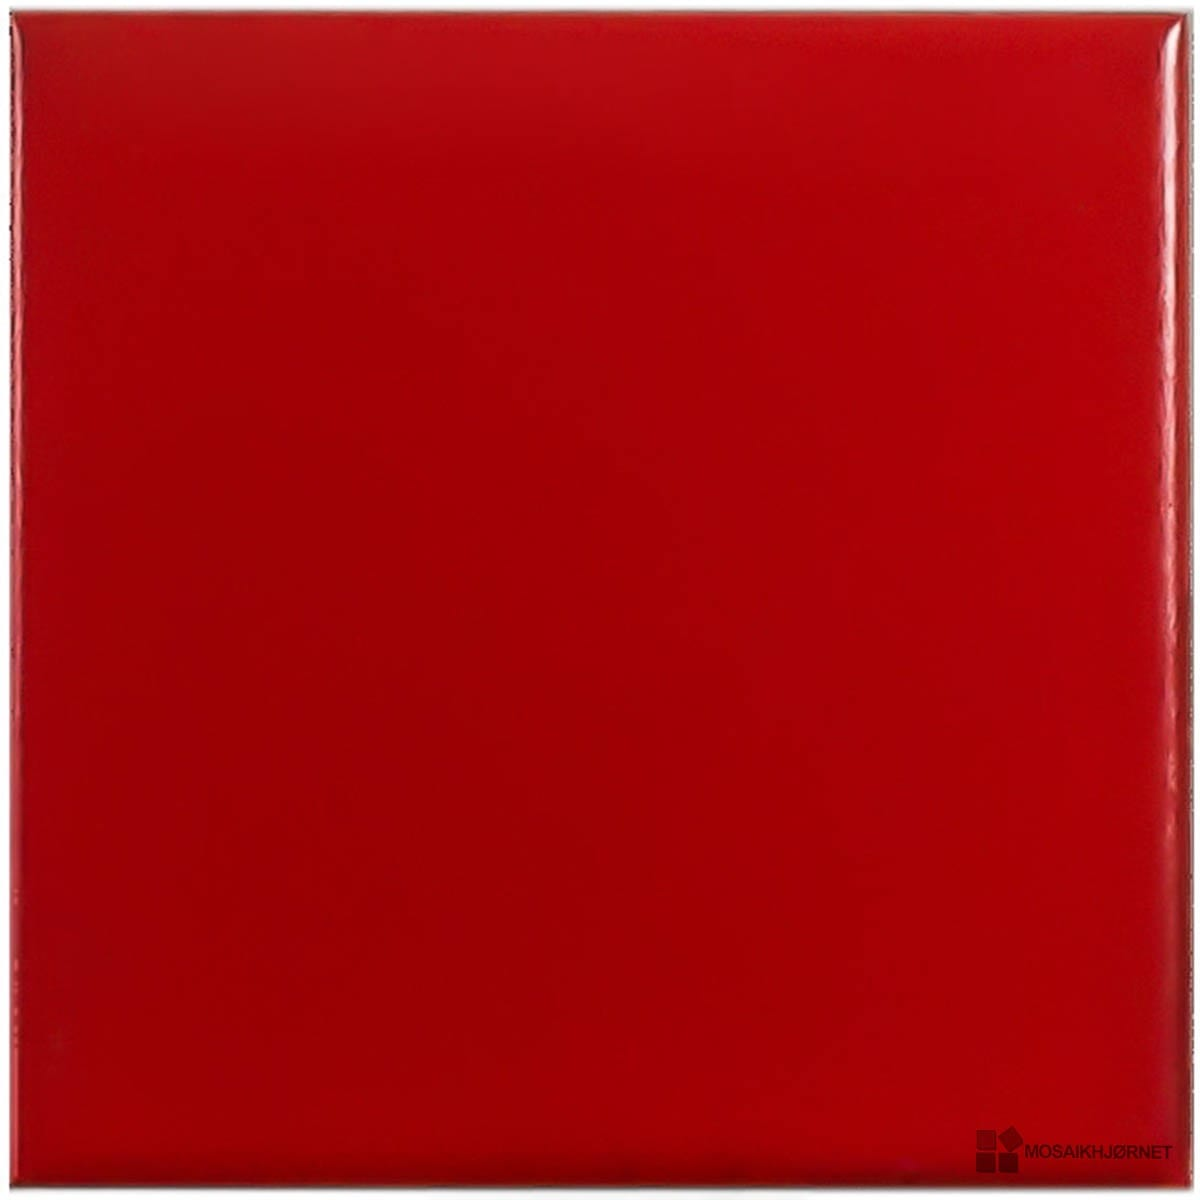 #A00106 Mest effektive IN Rosso 9 8x9 8 Mosaikhjørnet Fliser Klinker Og Mosaik Til Badeværelse  Fliser Til Bad Og Køkken 4805 120012004805